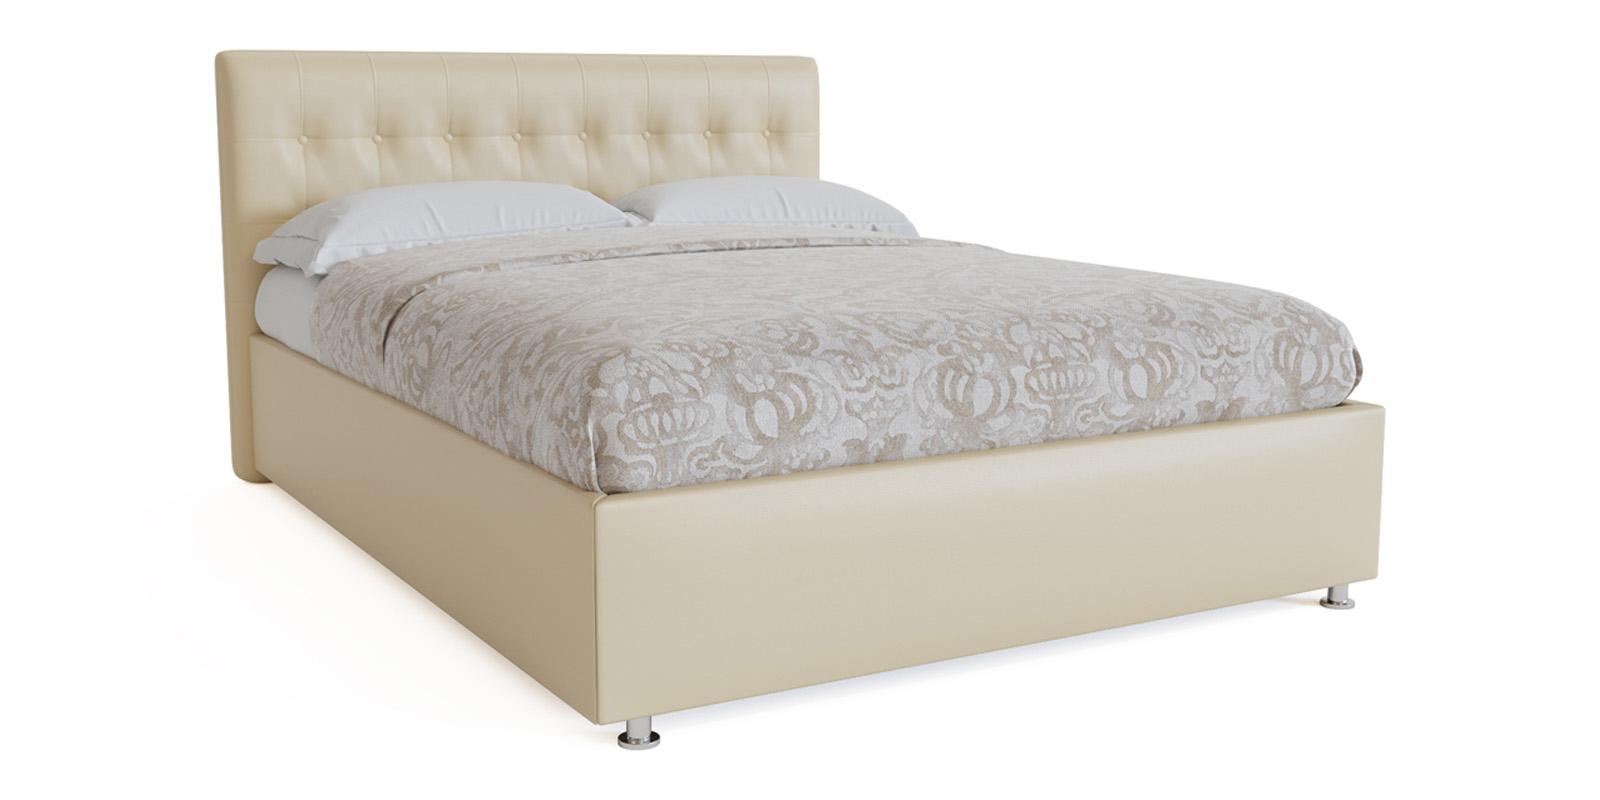 Мягкая кровать 200х160 Аделаида с подъемным механизмом (Крем-брюле)